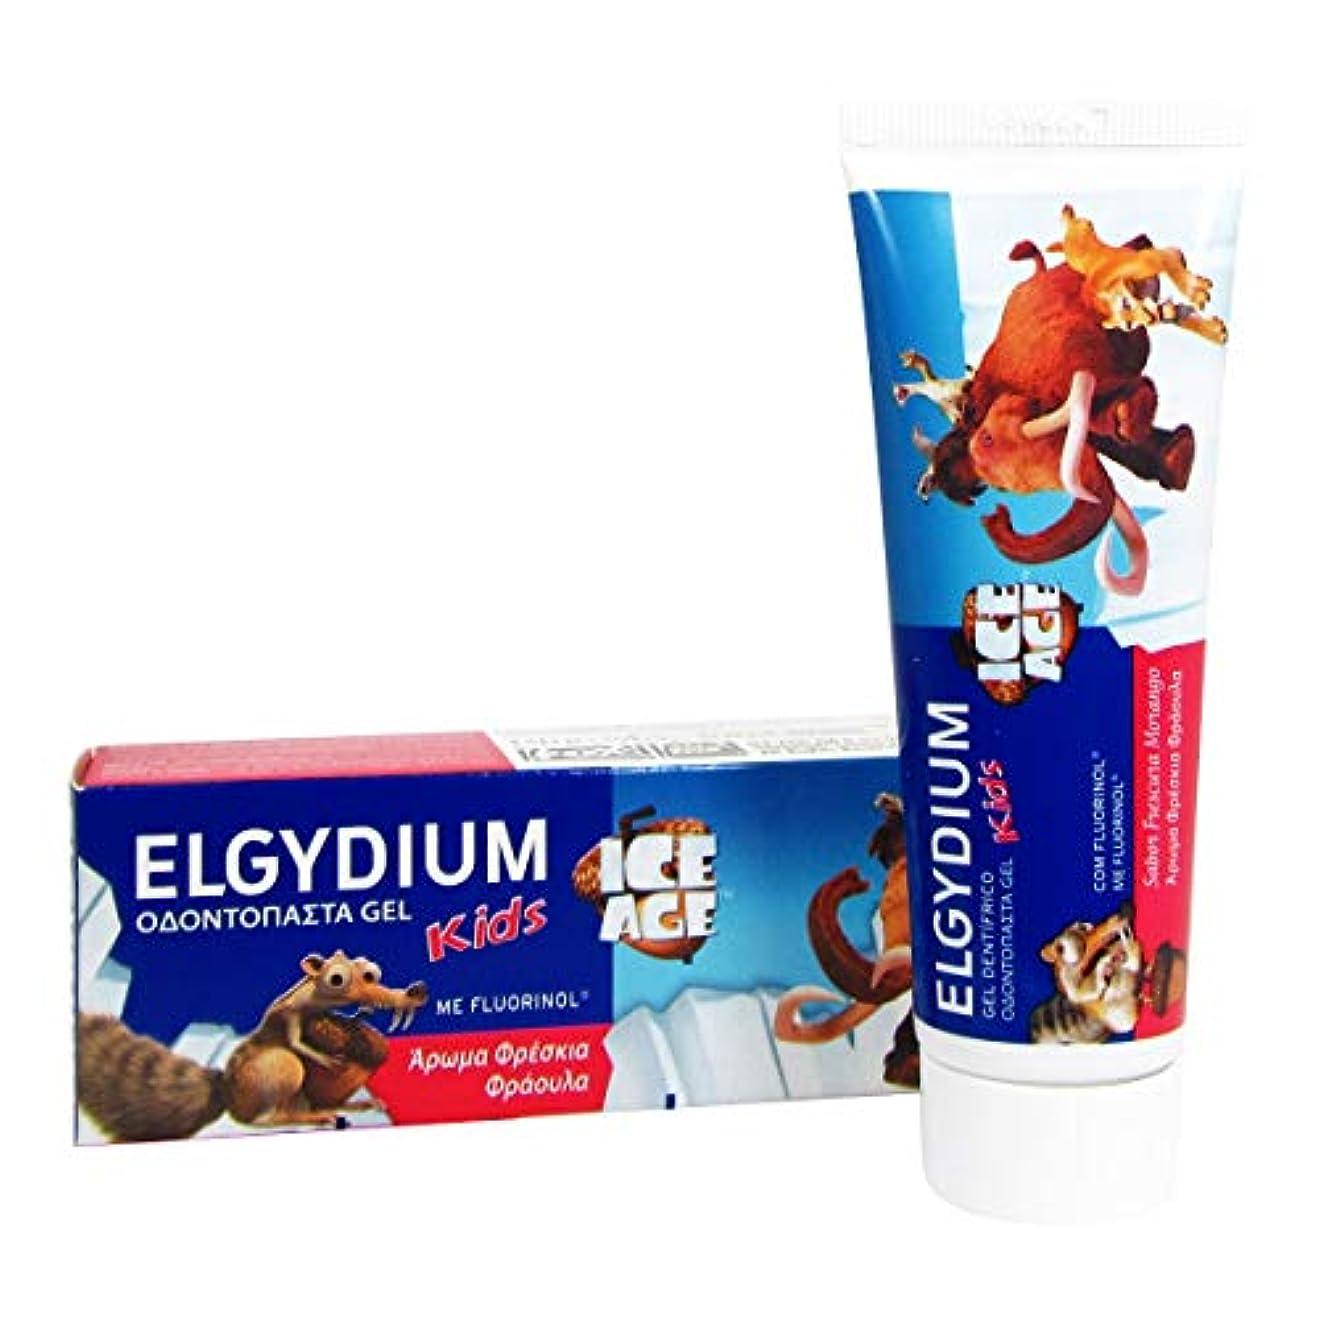 ピストン交差点アセンブリElgydium Kids Ice Age Toothpaste Toothpaste Gel 50ml [並行輸入品]